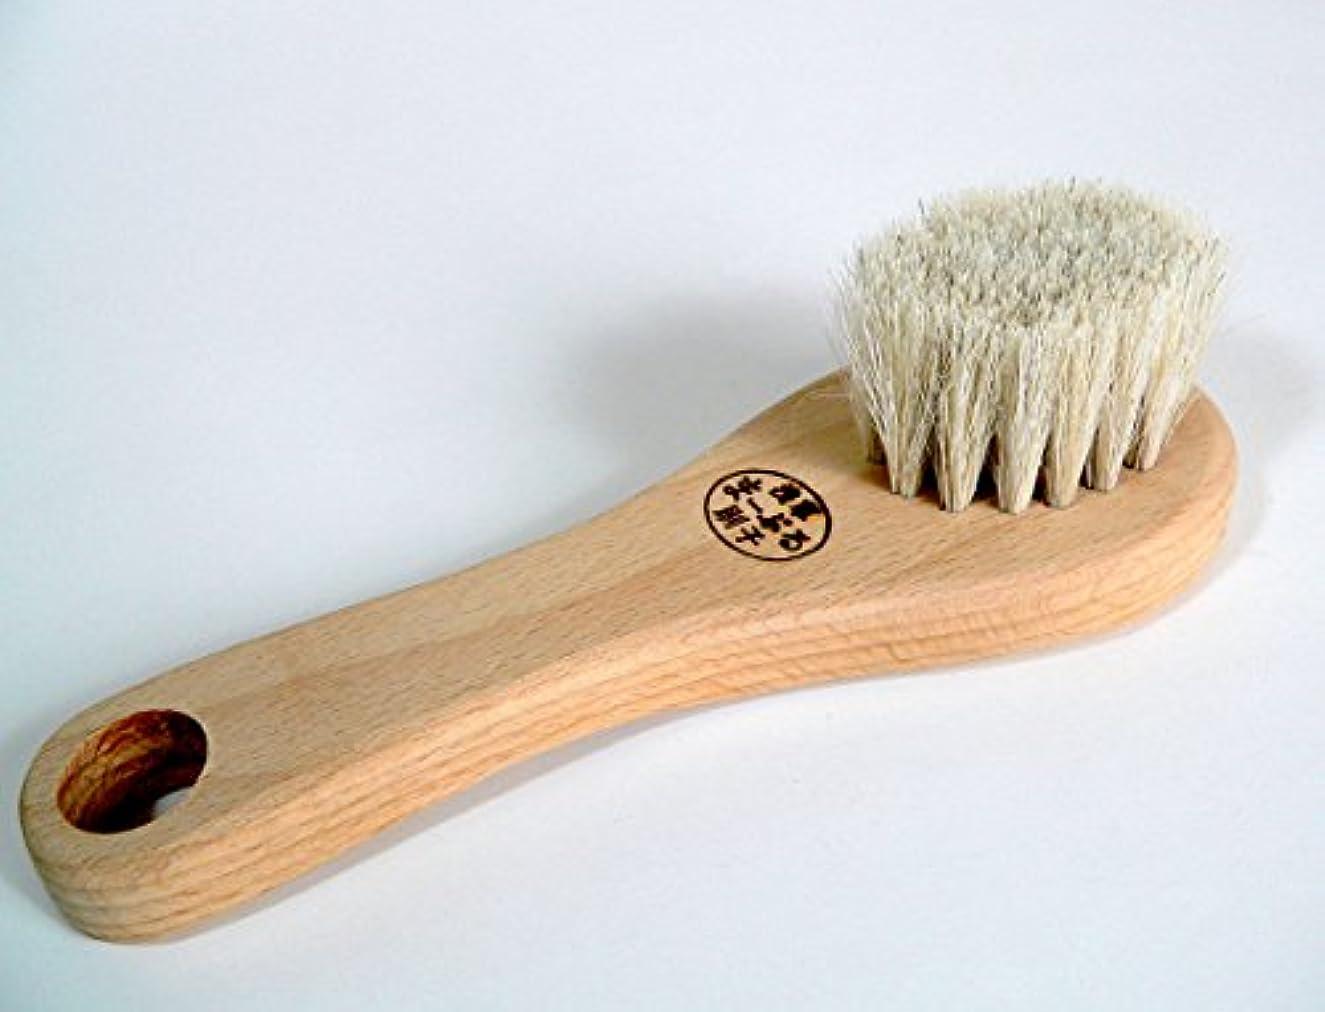 開発するペパーミント一掃する【まーぶる刷子】 フェイスブラシ 白馬毛使用! ※洗顔用ブラシです。